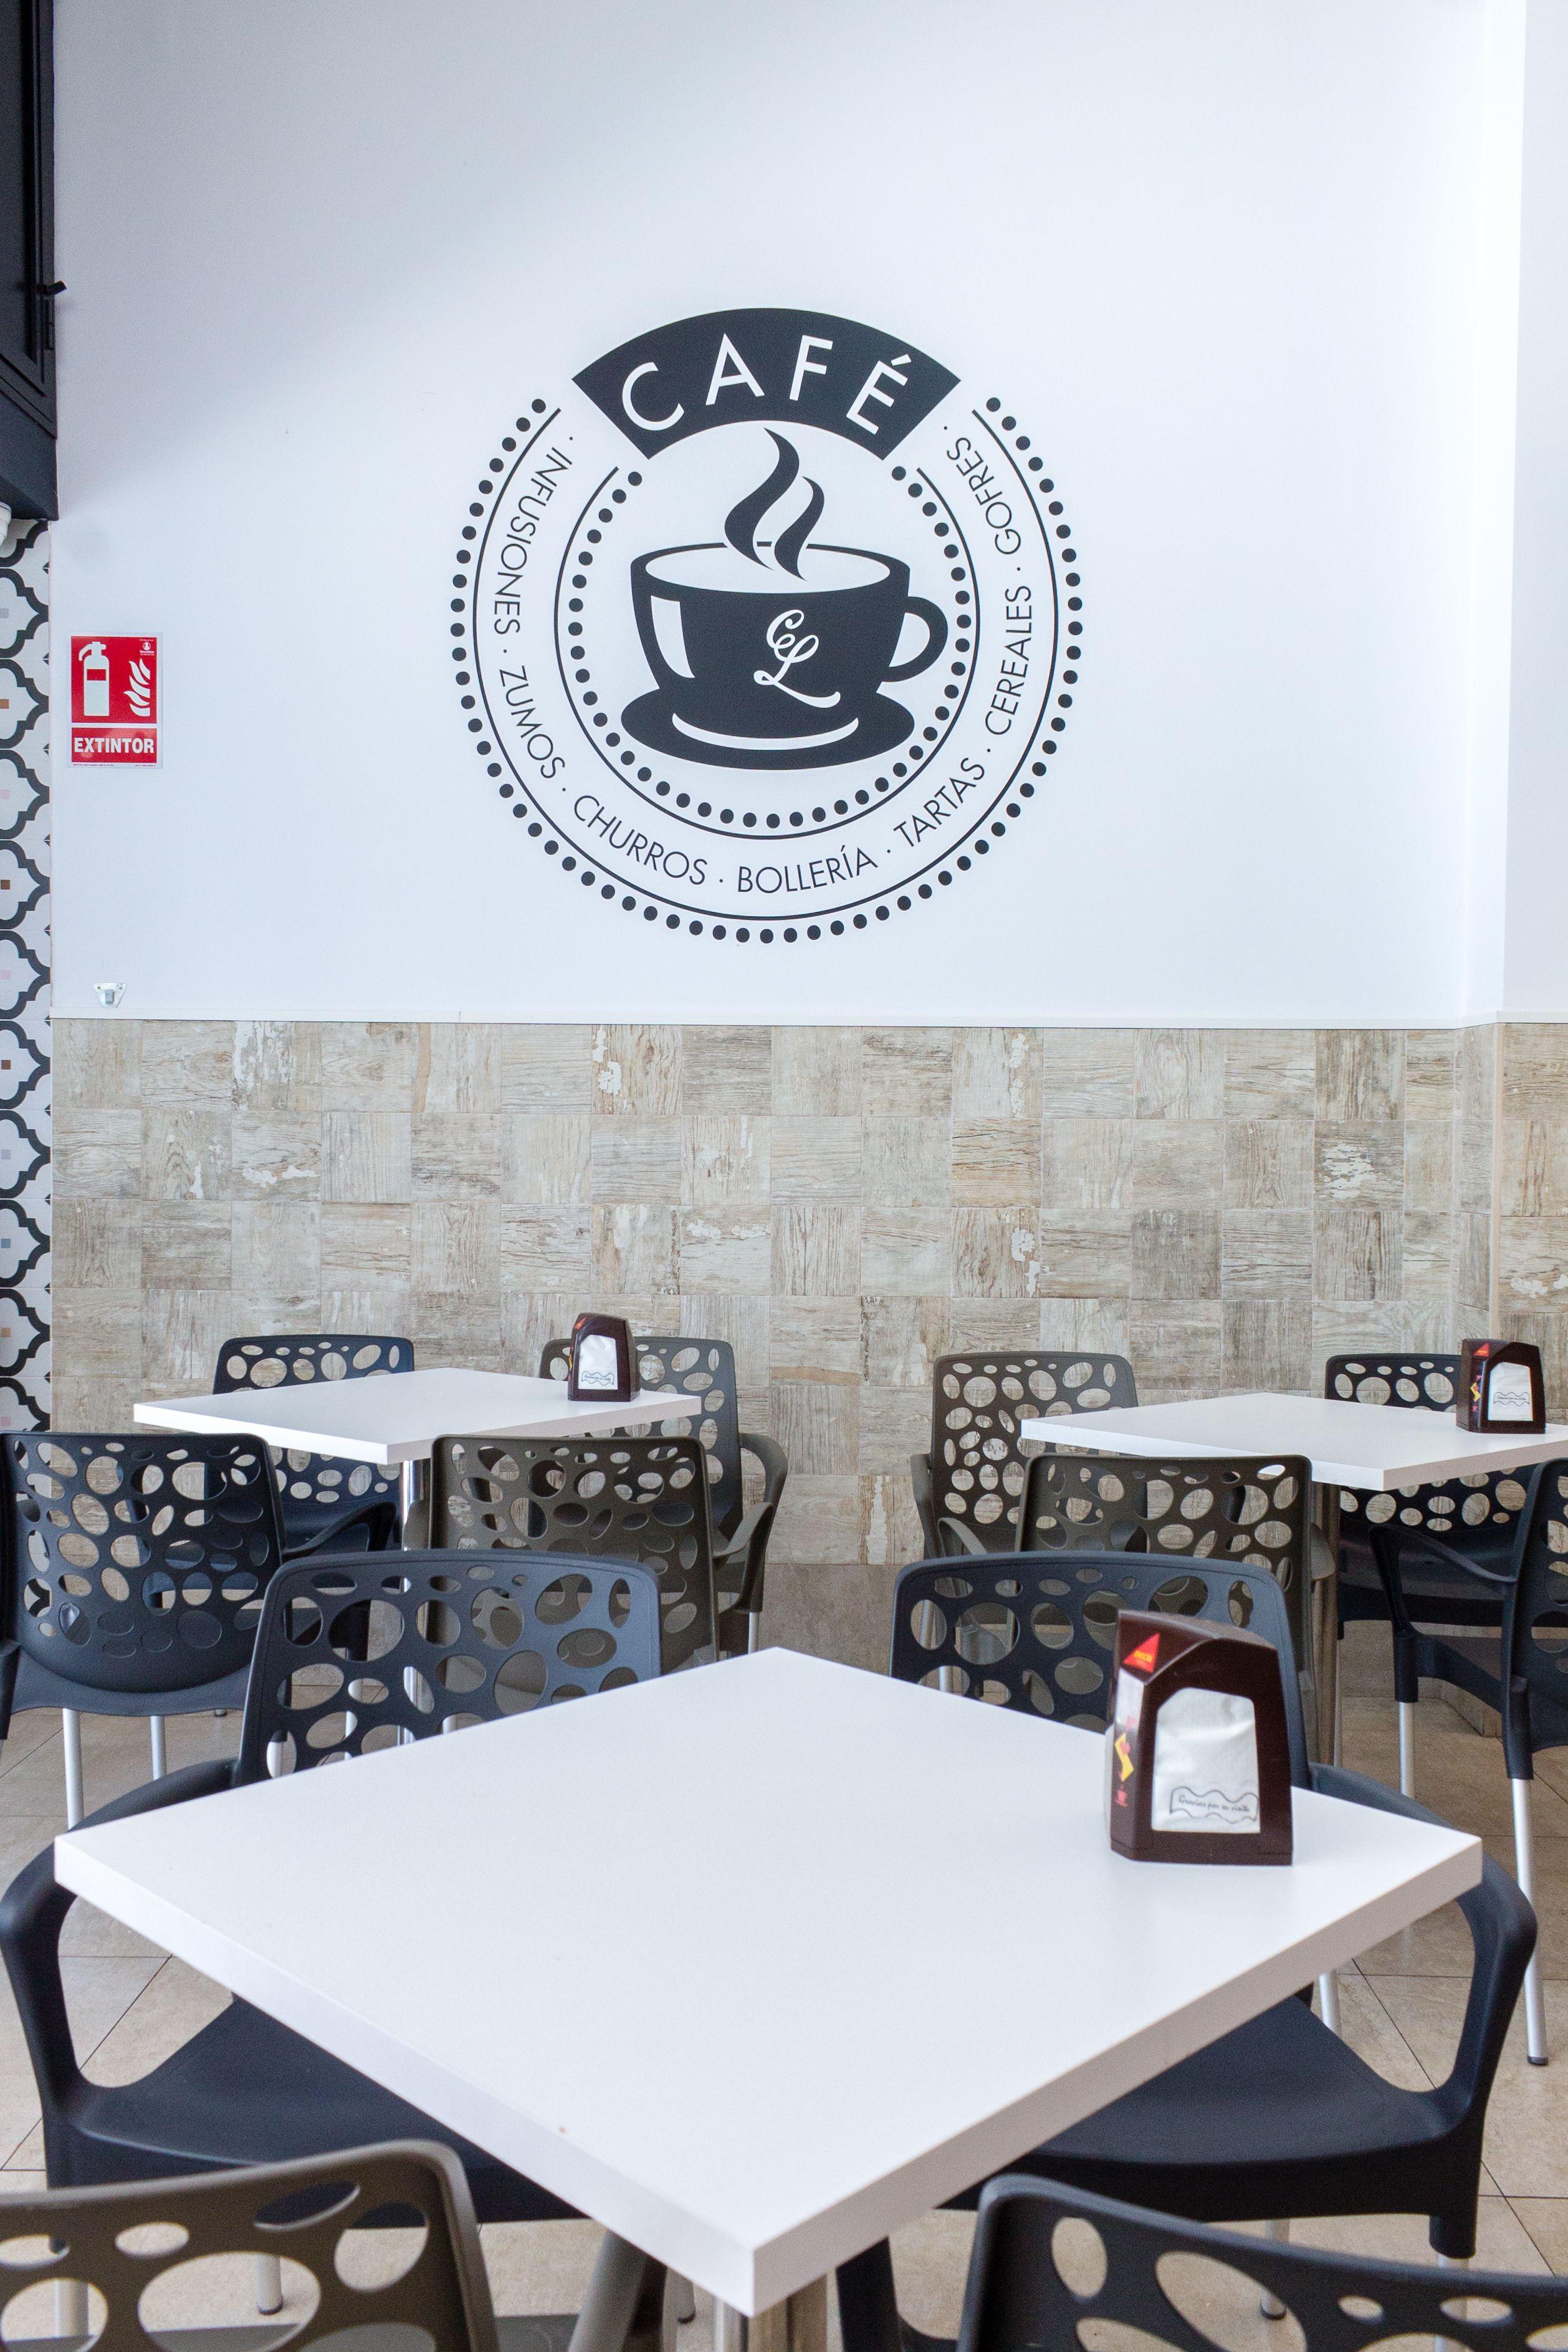 Zona cafetería y churrería del Restaurante Casa Lobato